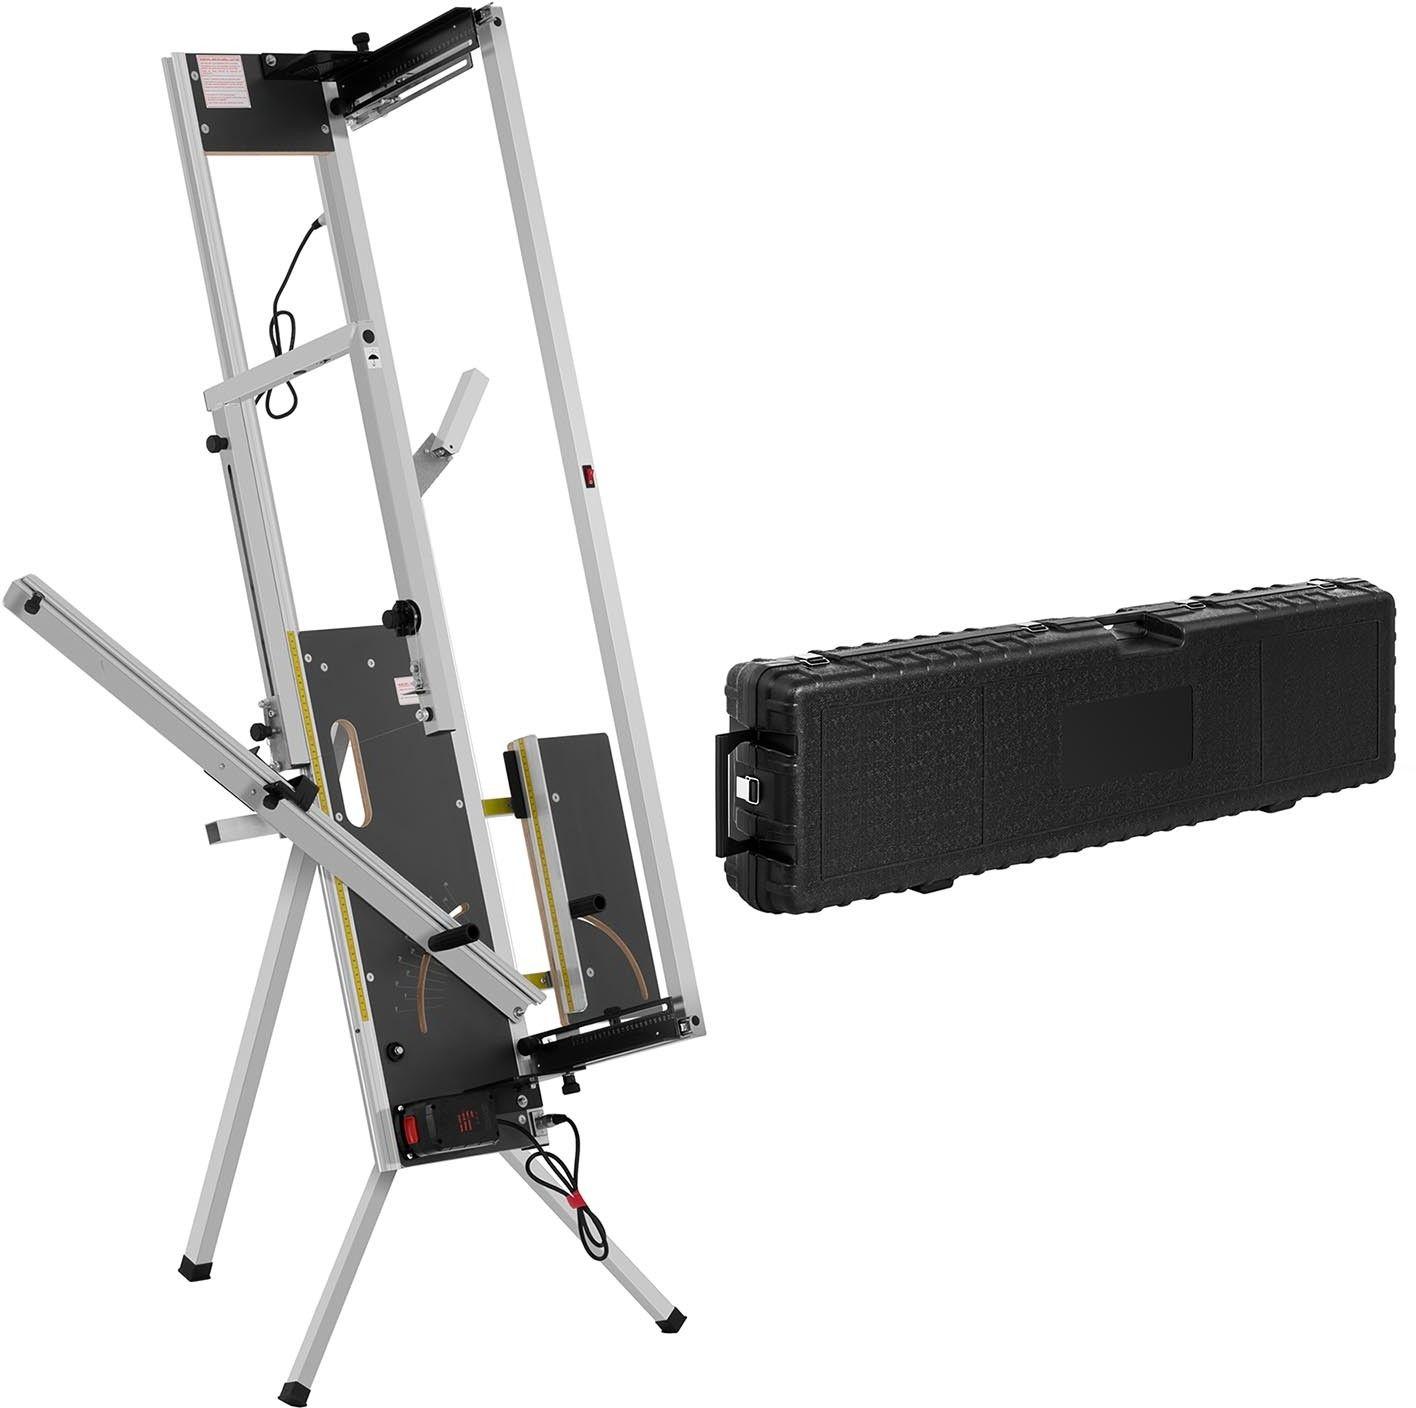 Maszyna do cięcia styropianu 3w1 - 200 W - akumulatory - Pro Bauteam - ALUCUTTER 3IN1 V3 BATTERY - 3 lata gwarancji/wysyłka w 24h